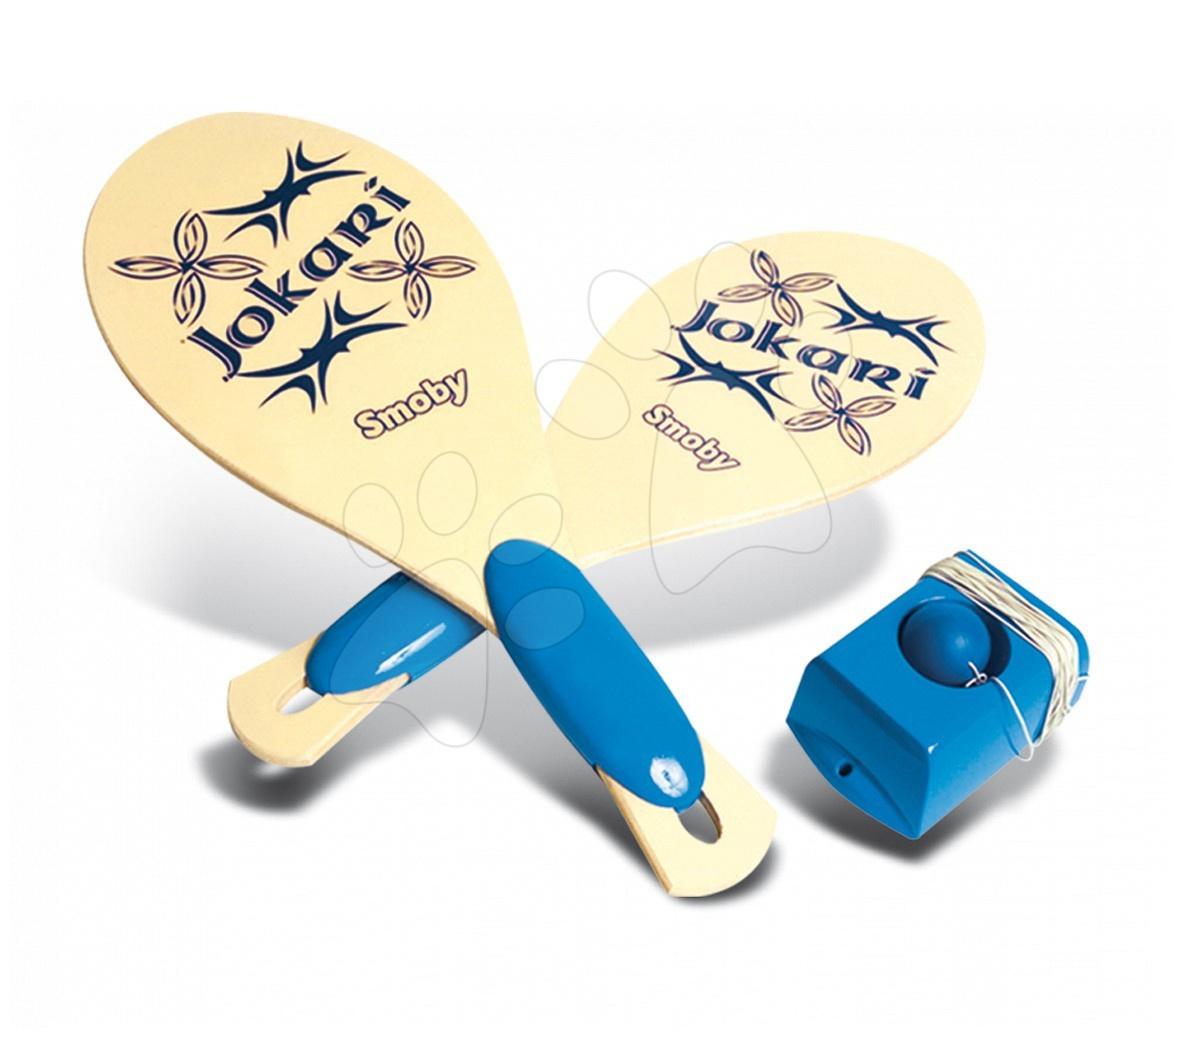 Tenis - Dřevěný tenis Jokari Smoby s příslušenstvím